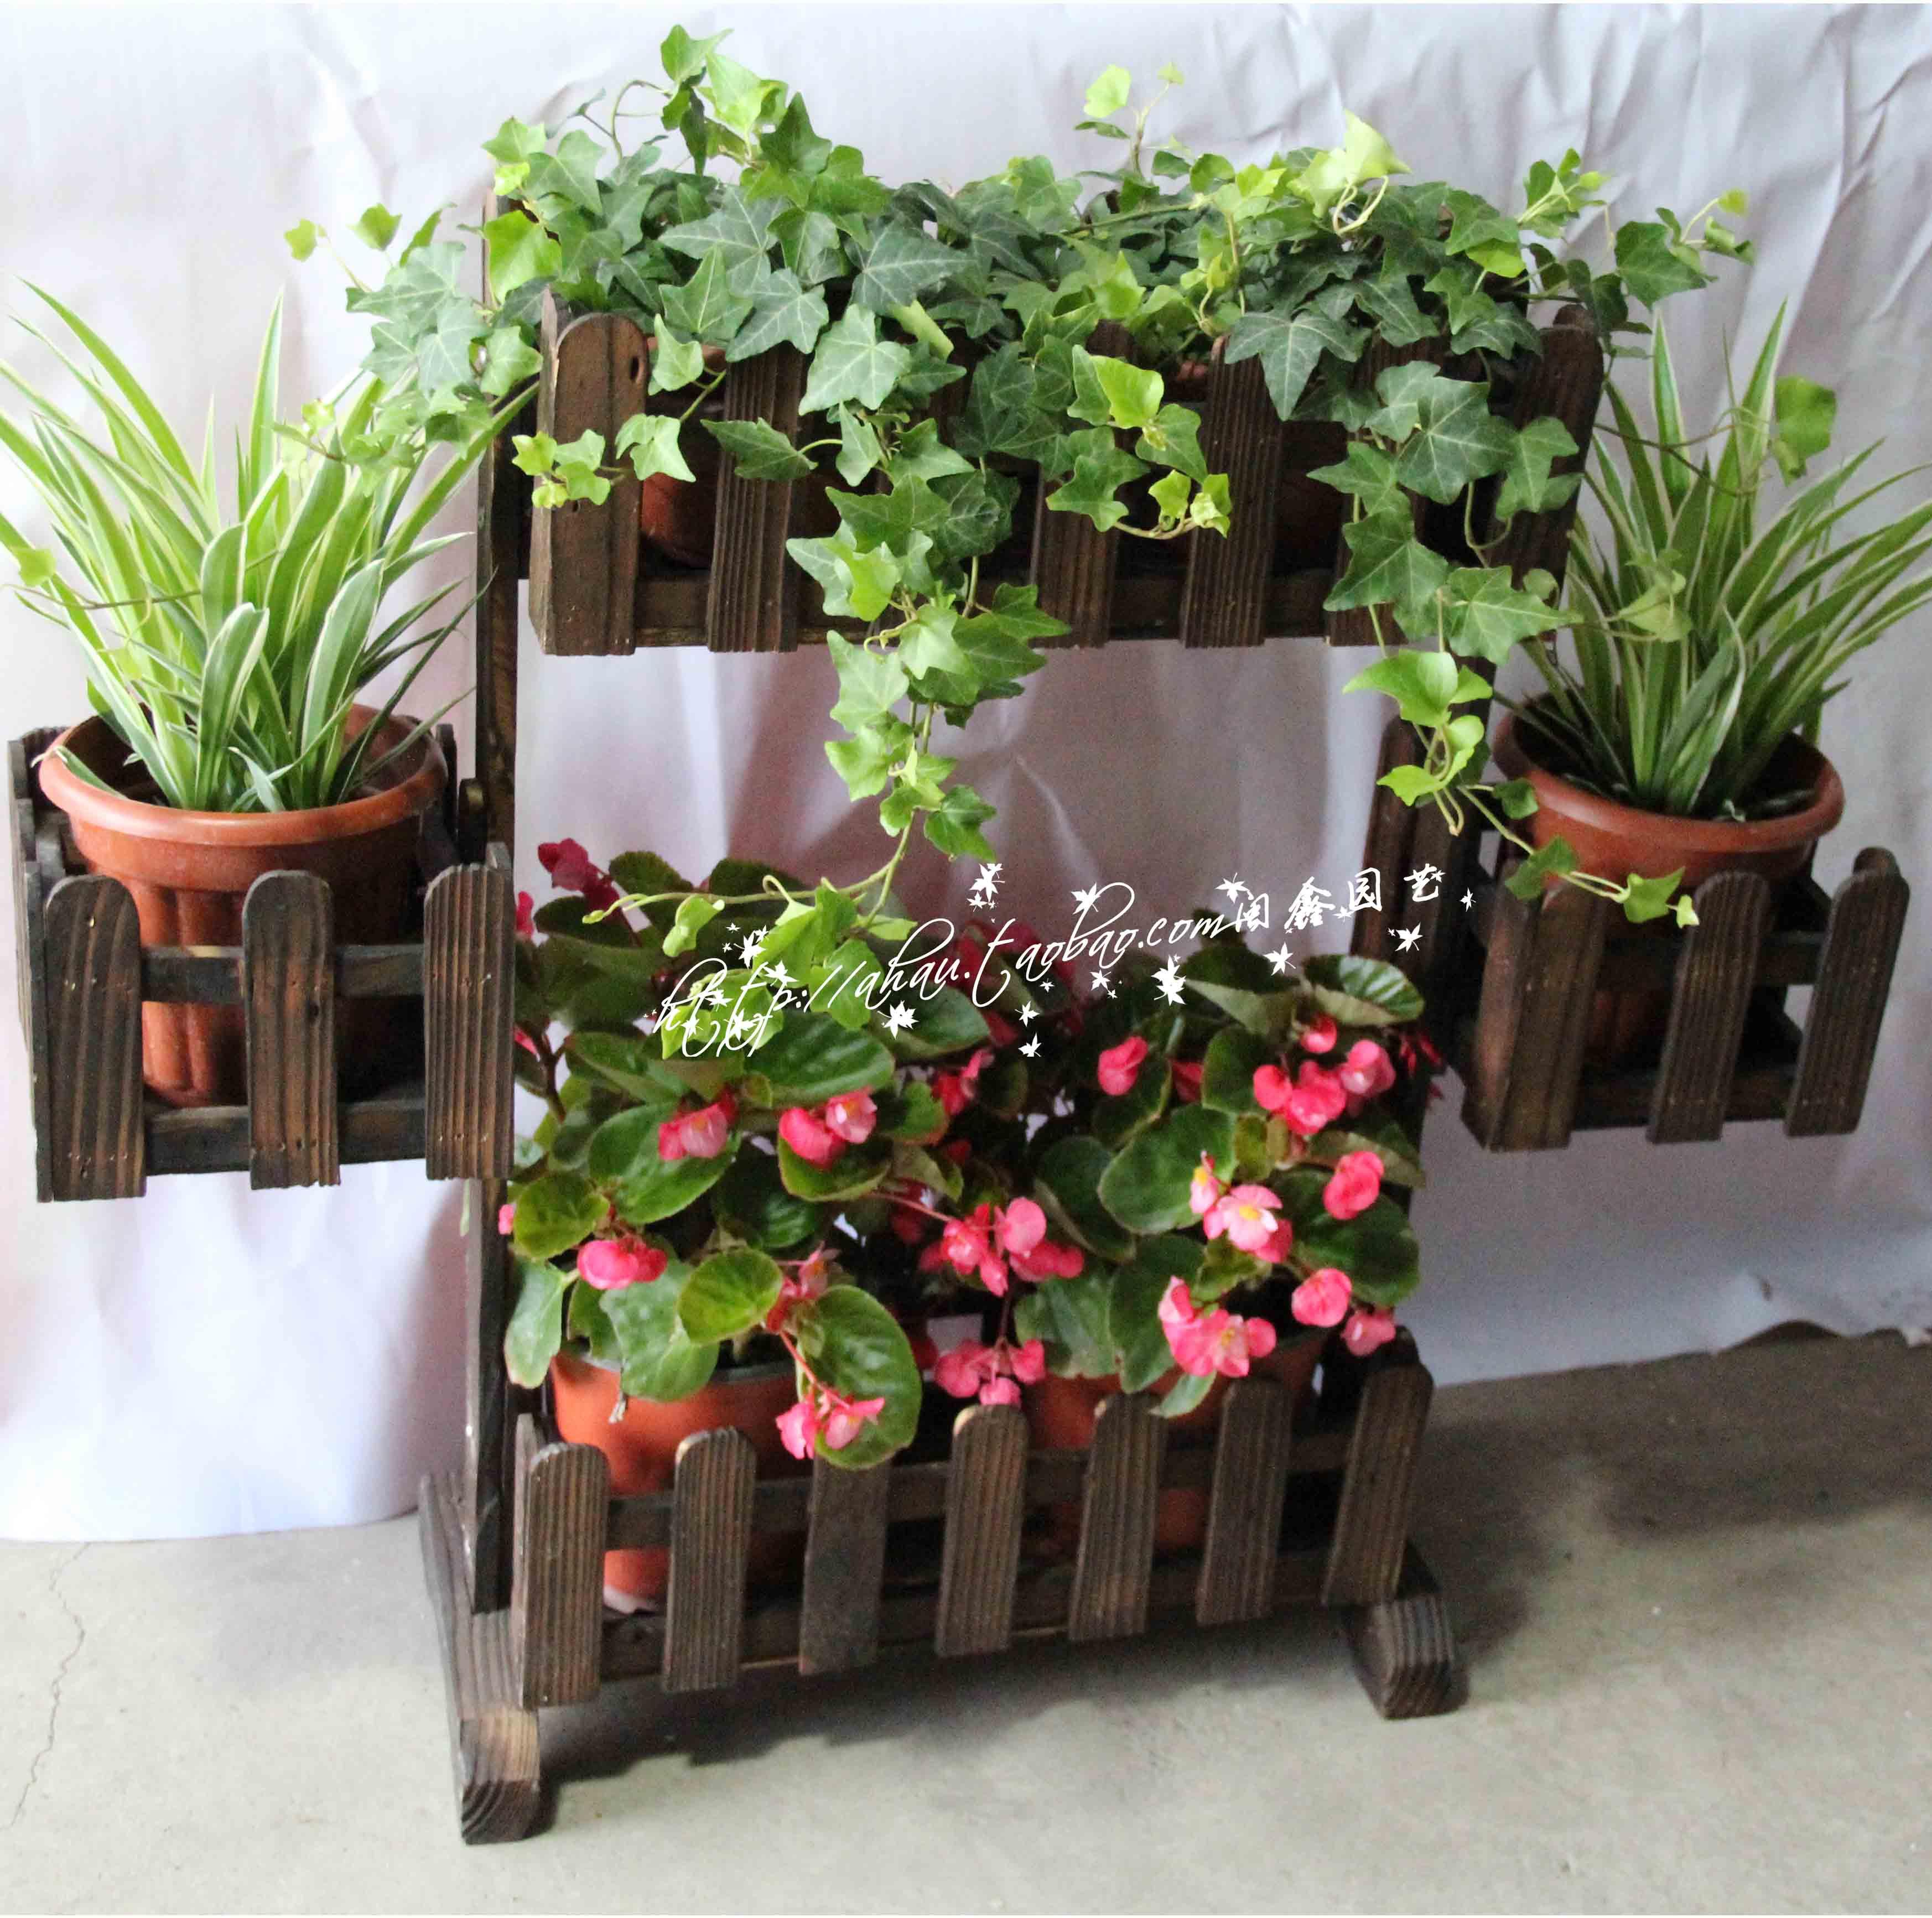 克赛罗蒂 法式花架 实木落地欧式置物架 多层简约白色放花盆架子